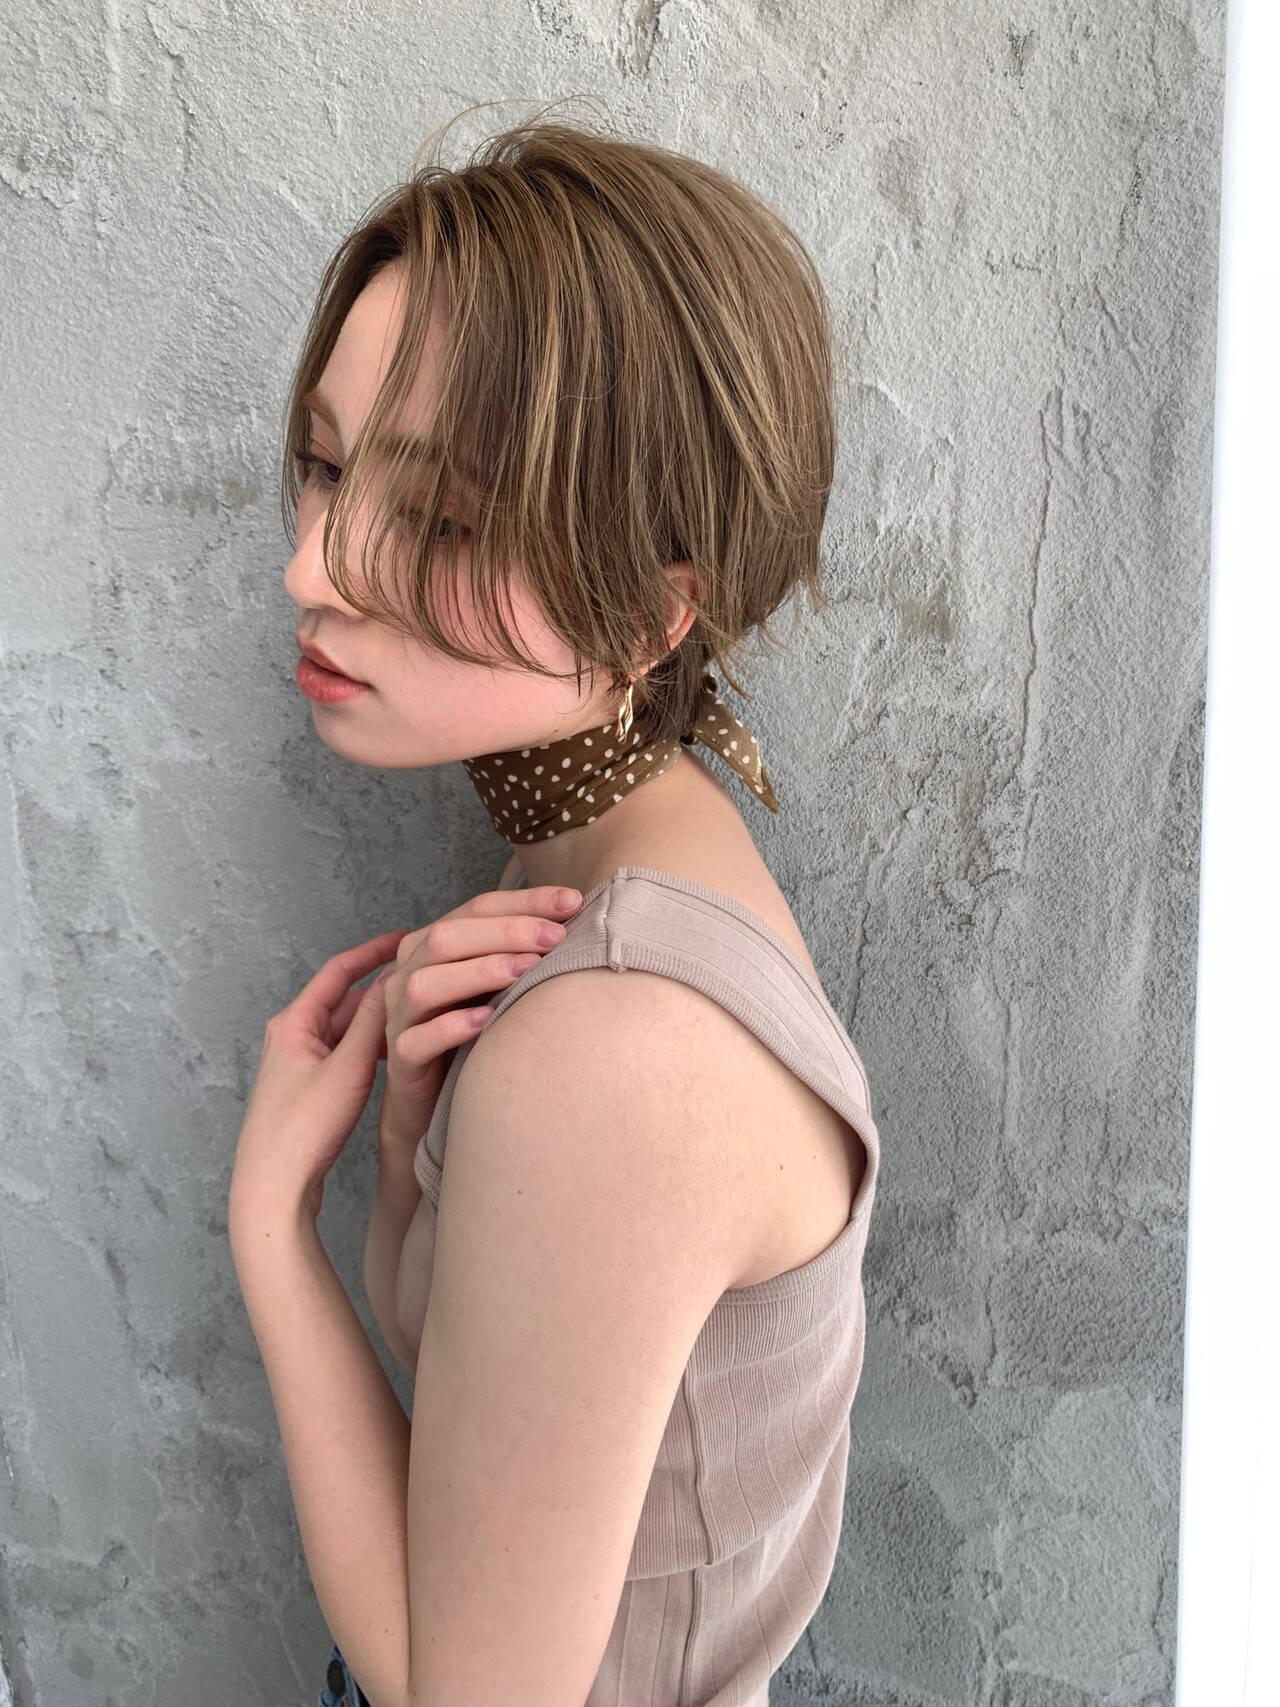 ハイトーン ショートヘア ベリーショート ショートヘアスタイルや髪型の写真・画像